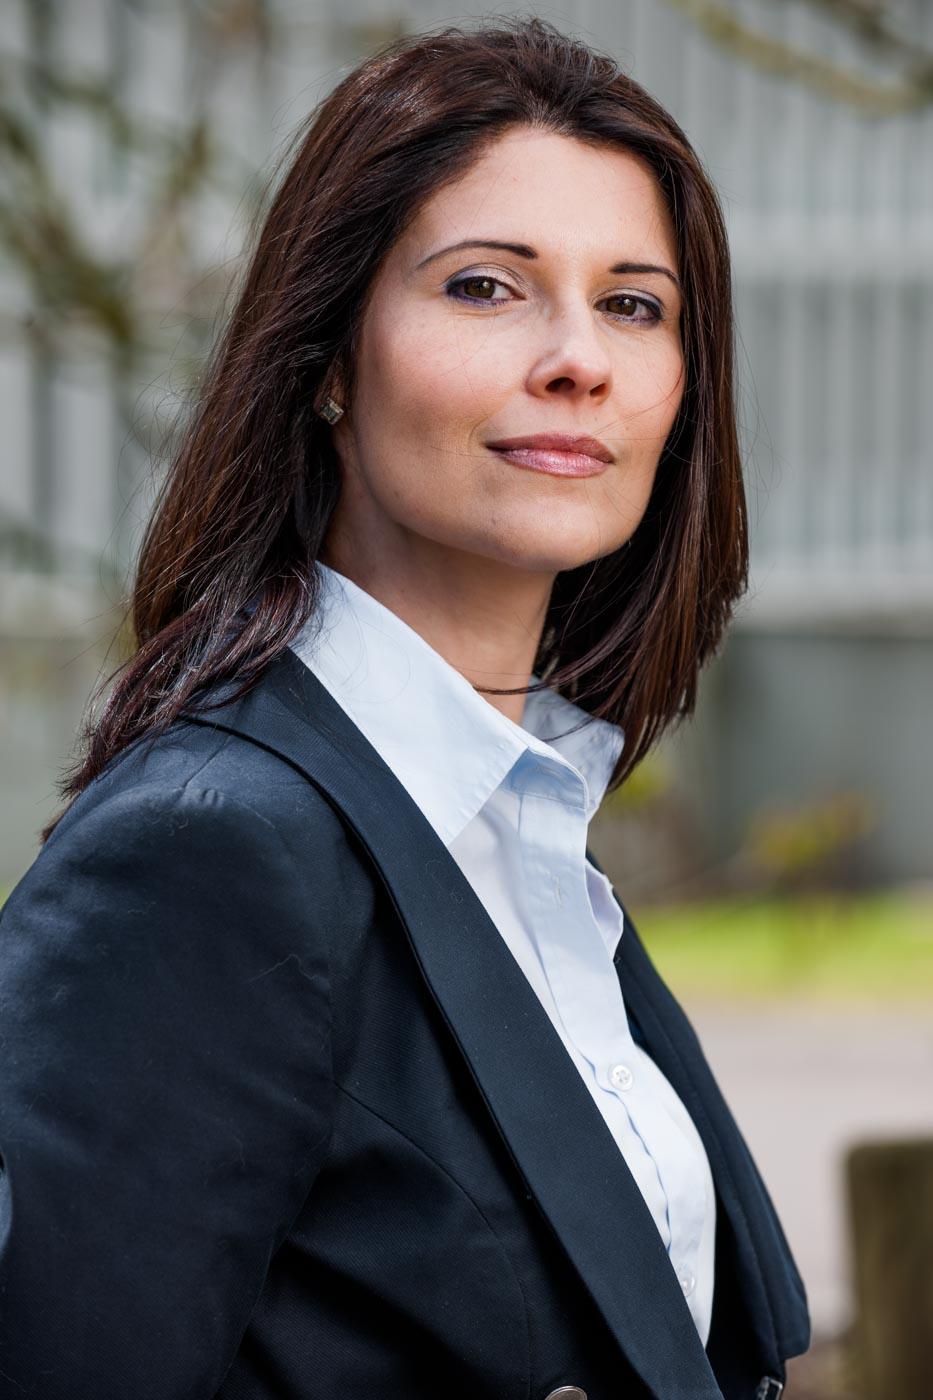 Katja-Ravenstein-Yaph-Business-Portrait-12